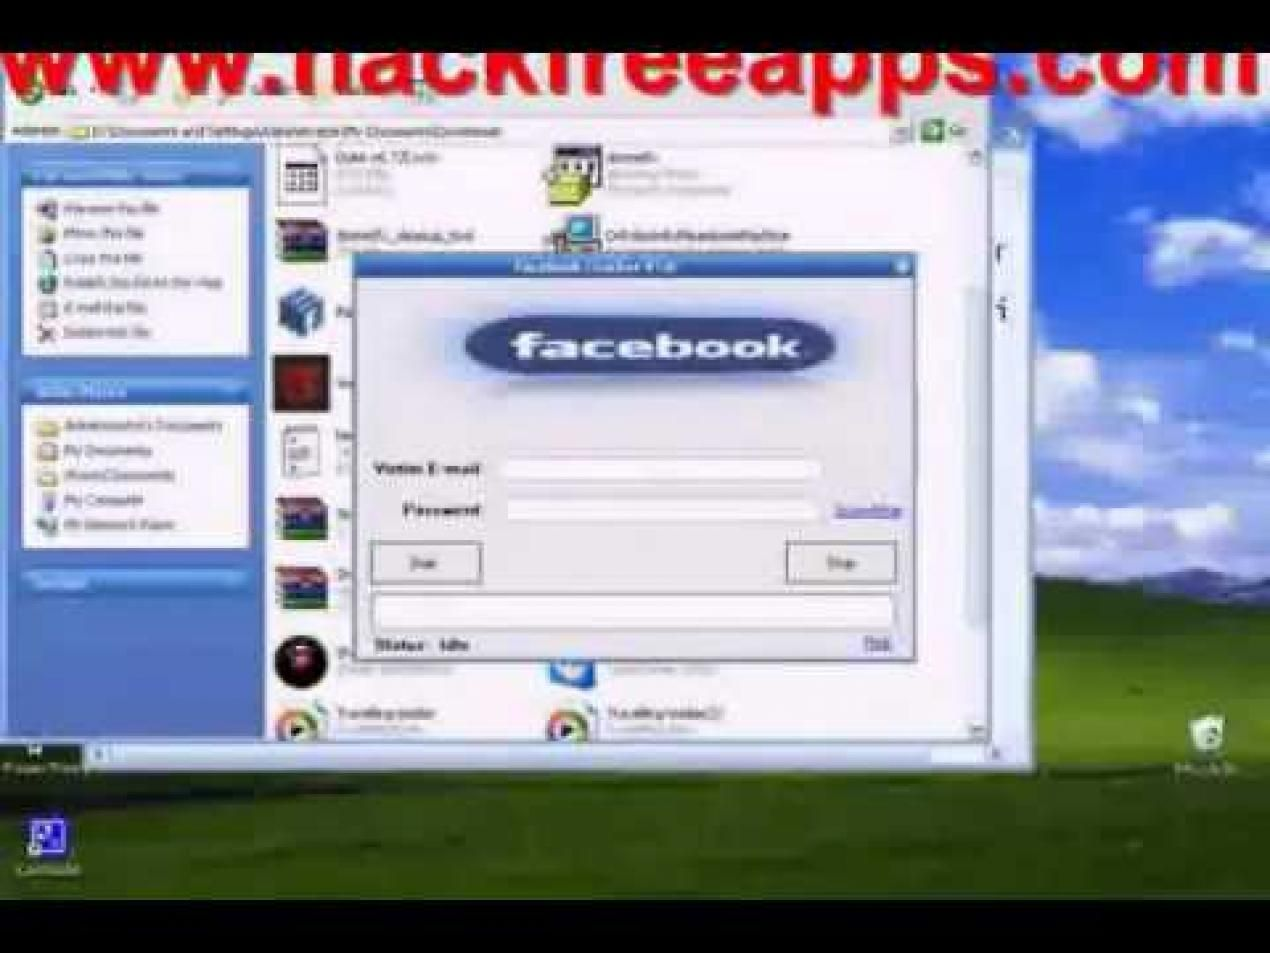 Comment pirater un compte facebook gratuitement facile